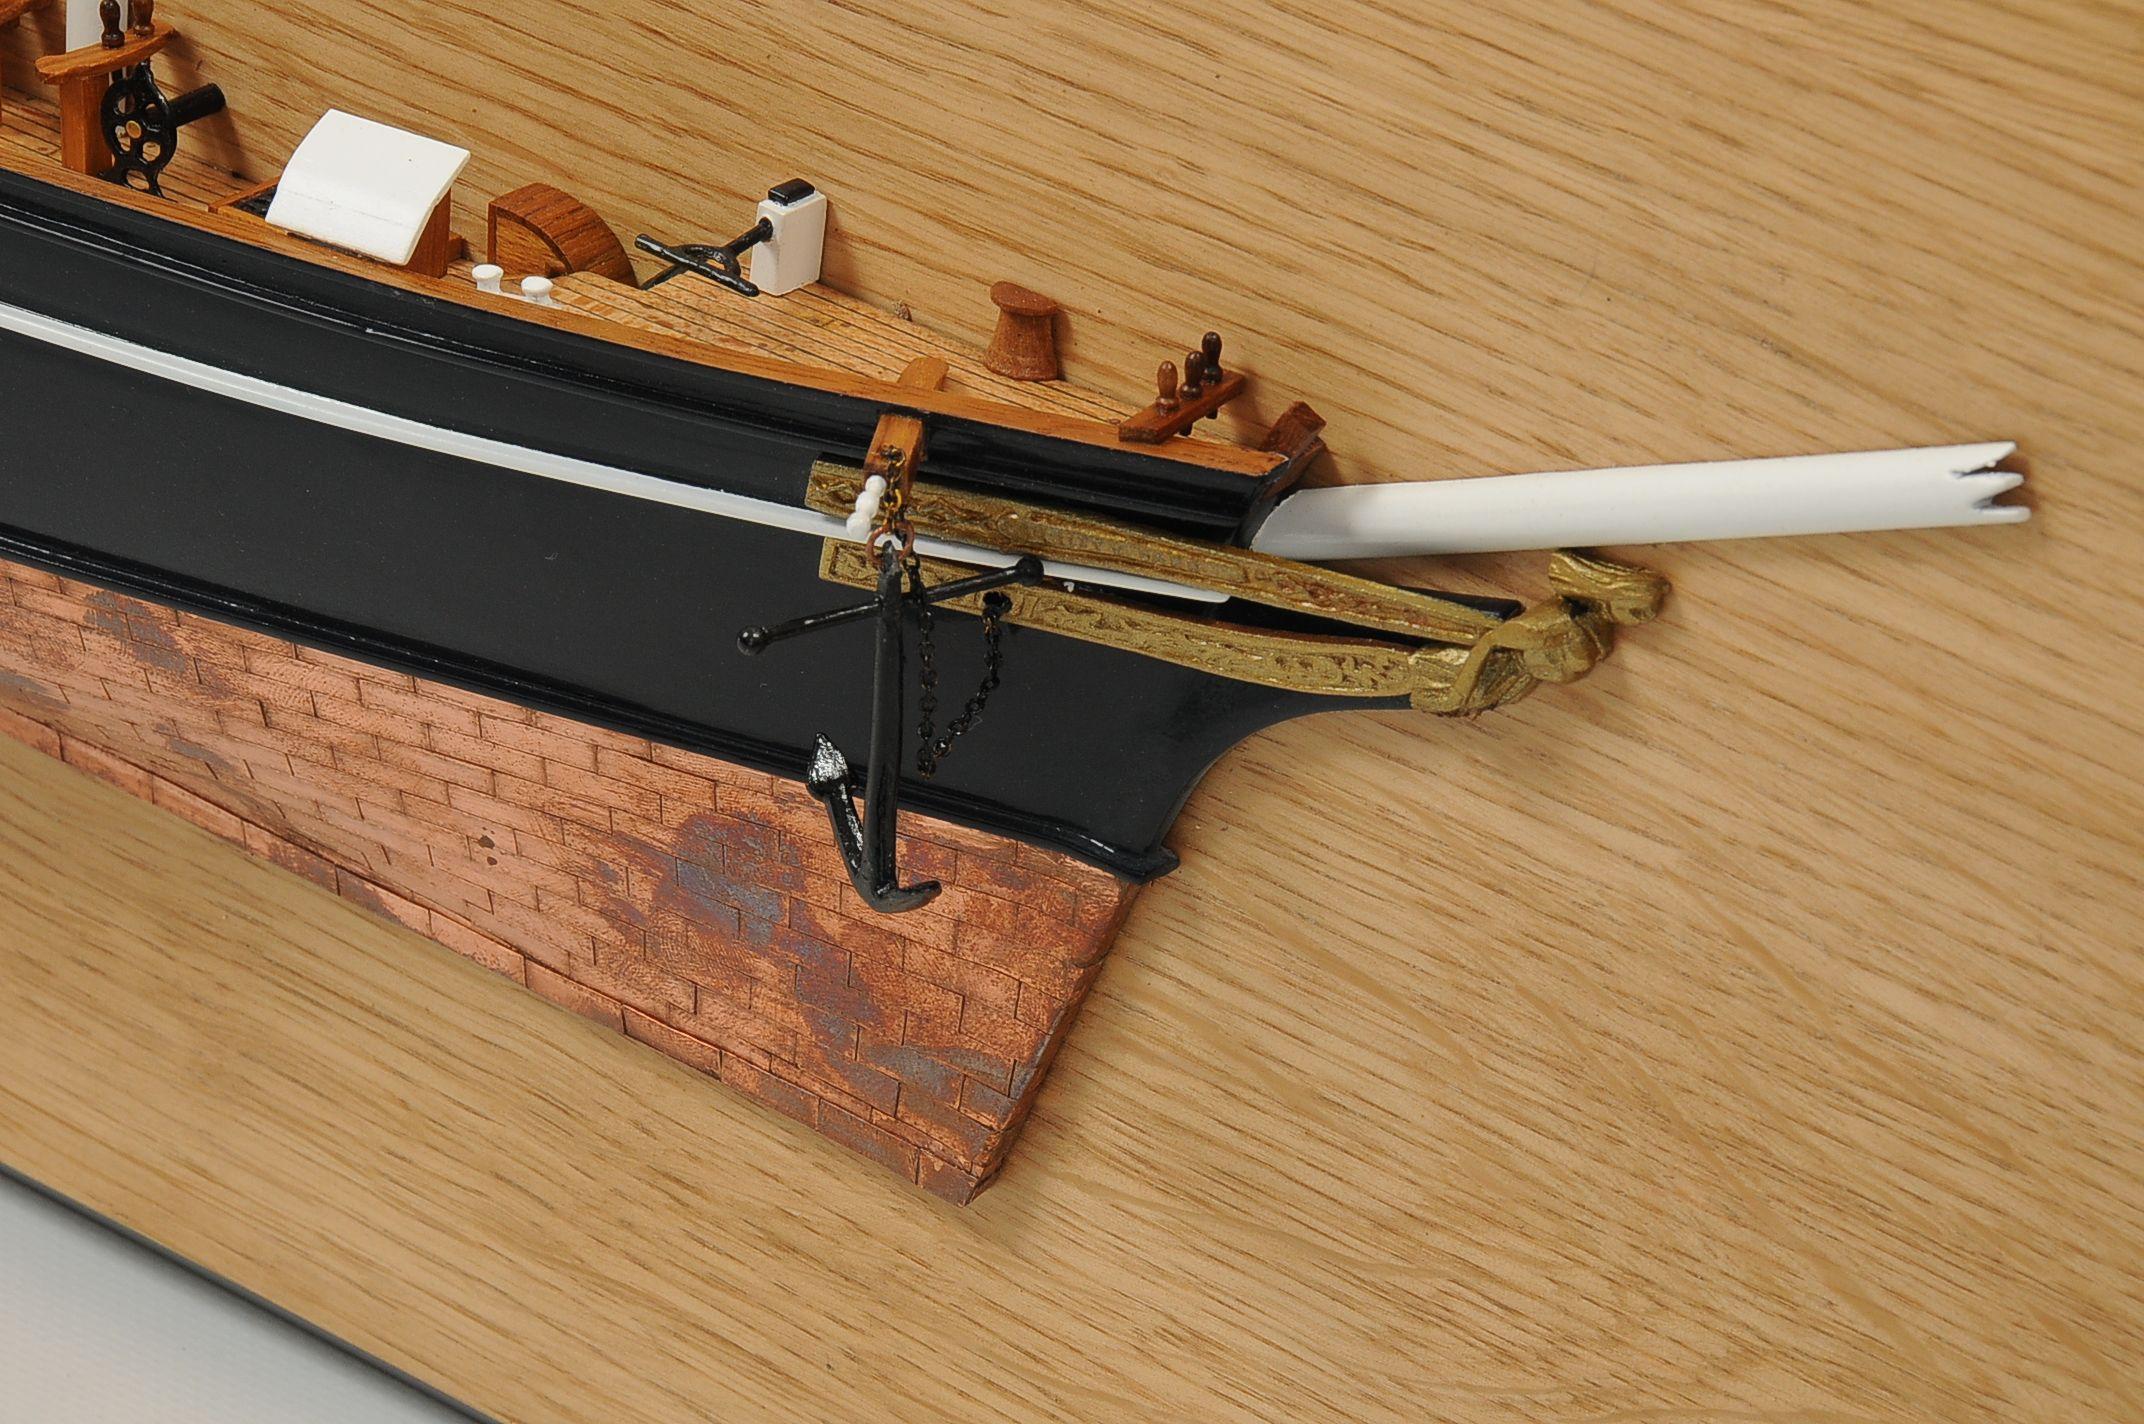 1077-6240-Half-Model-Cutty-Sark-Superior-Range